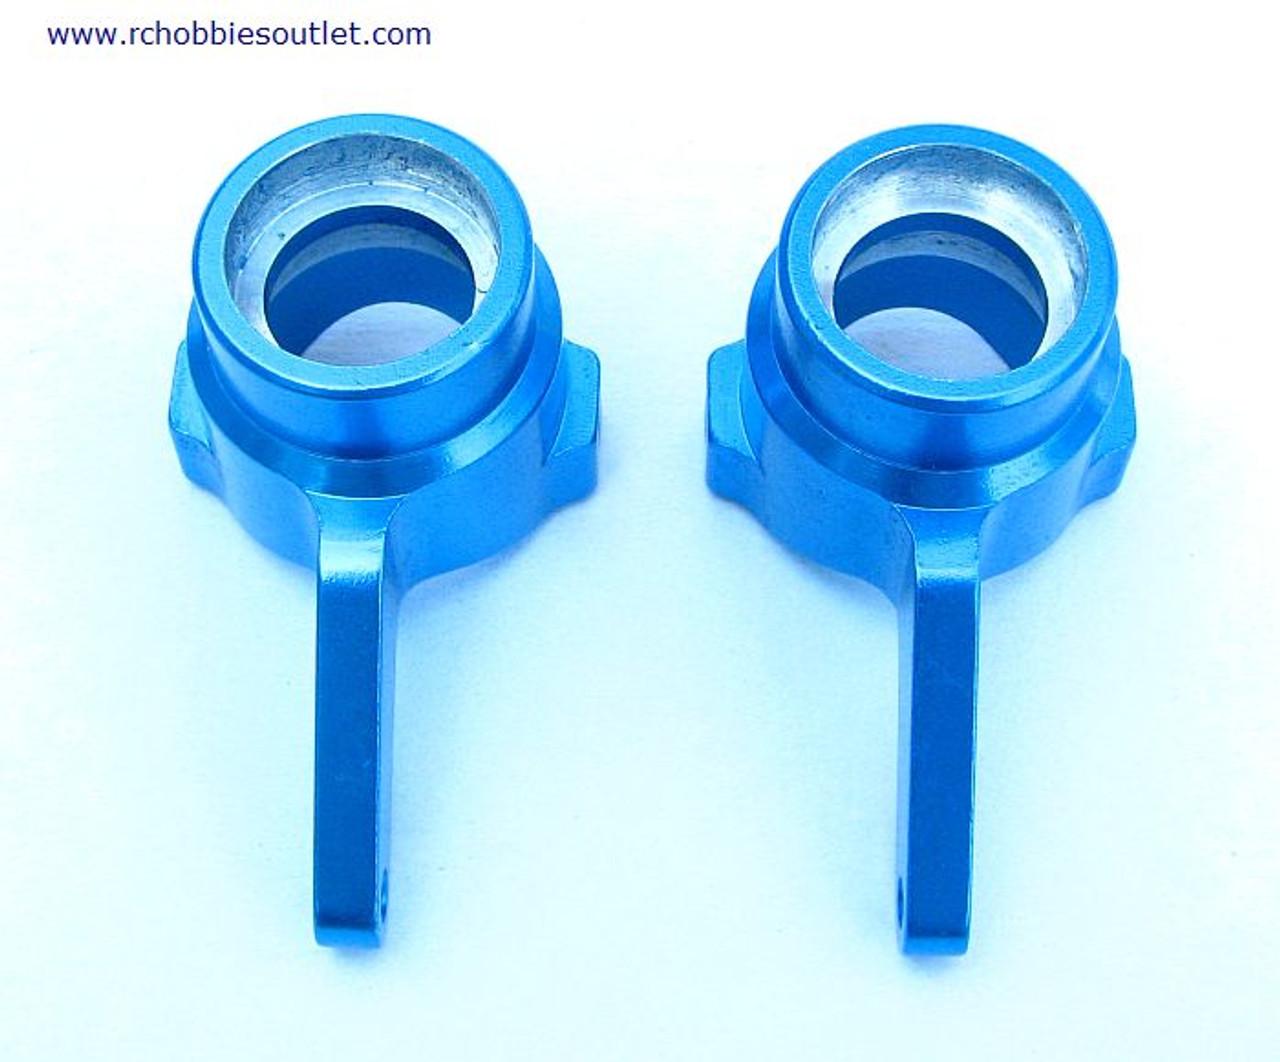 860010 Steering Hub Carrier(Al.) 2 pieces Blue 760010 (60018)